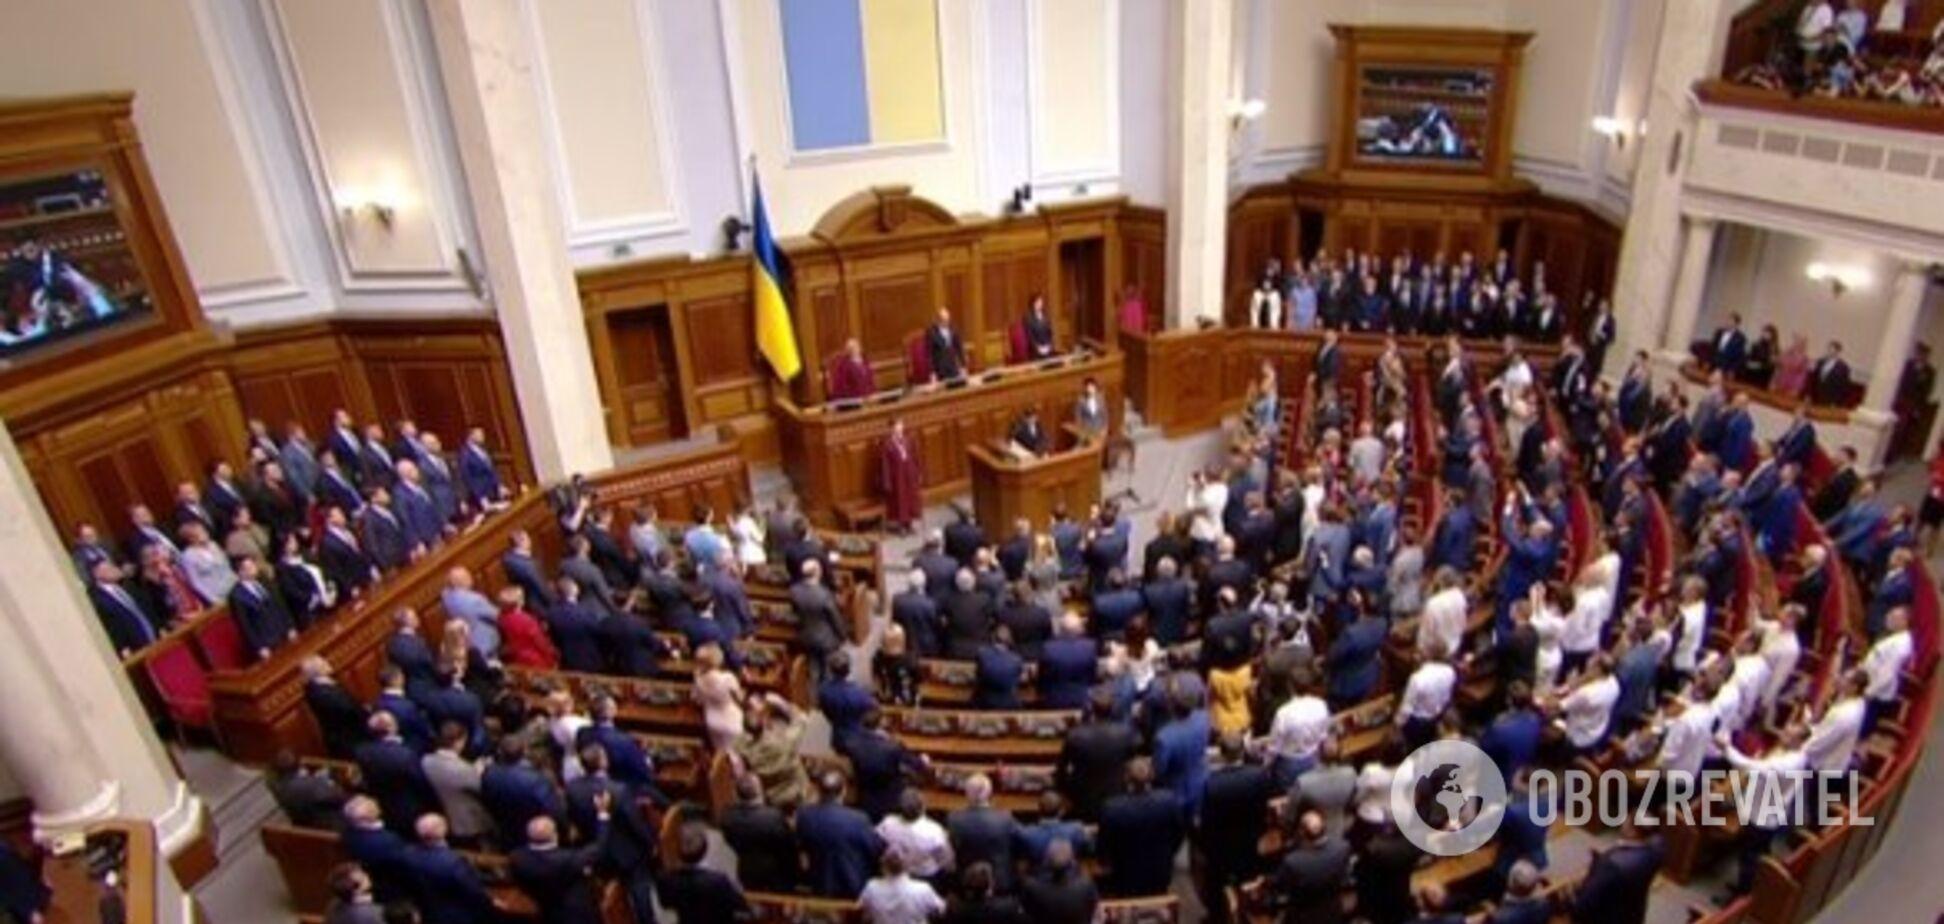 'Депутати шоковані': як у Раді відреагували на розпуск Зеленським